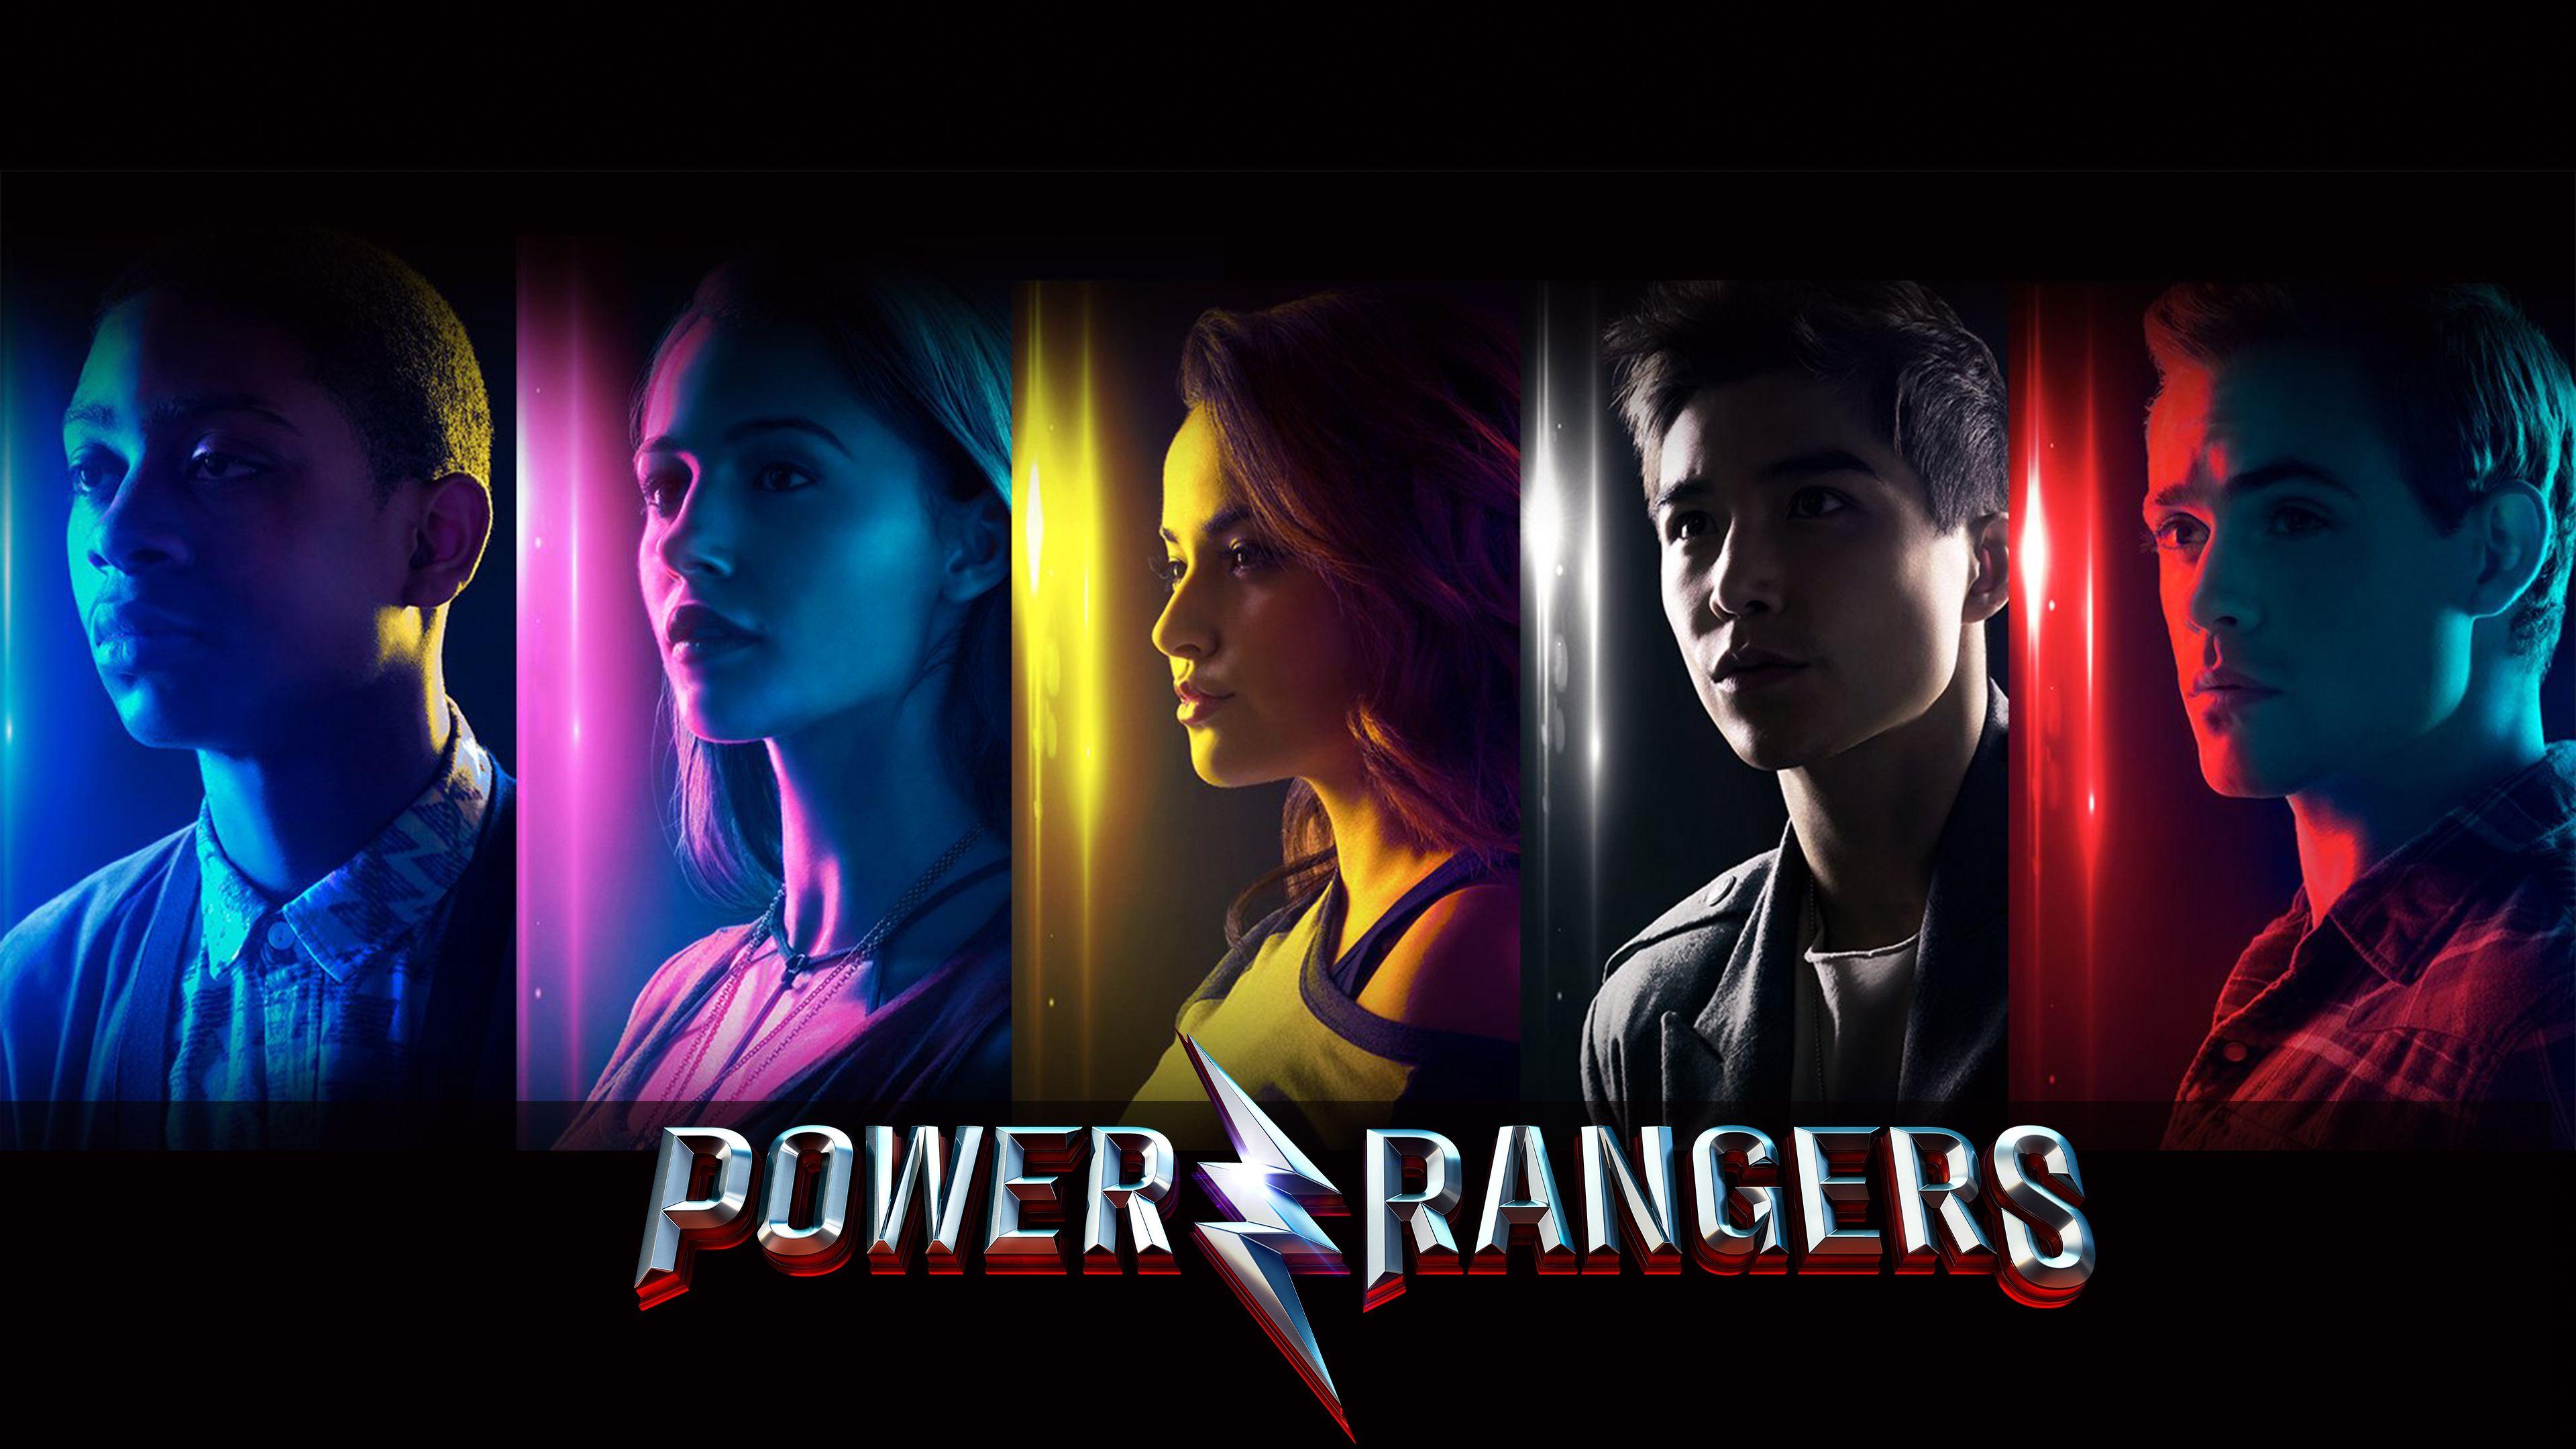 Power Rangers Wallpaper For Bedroom Power Rangers Movie 4k 2017 This Hd Power Rangers Movie 4k 2017